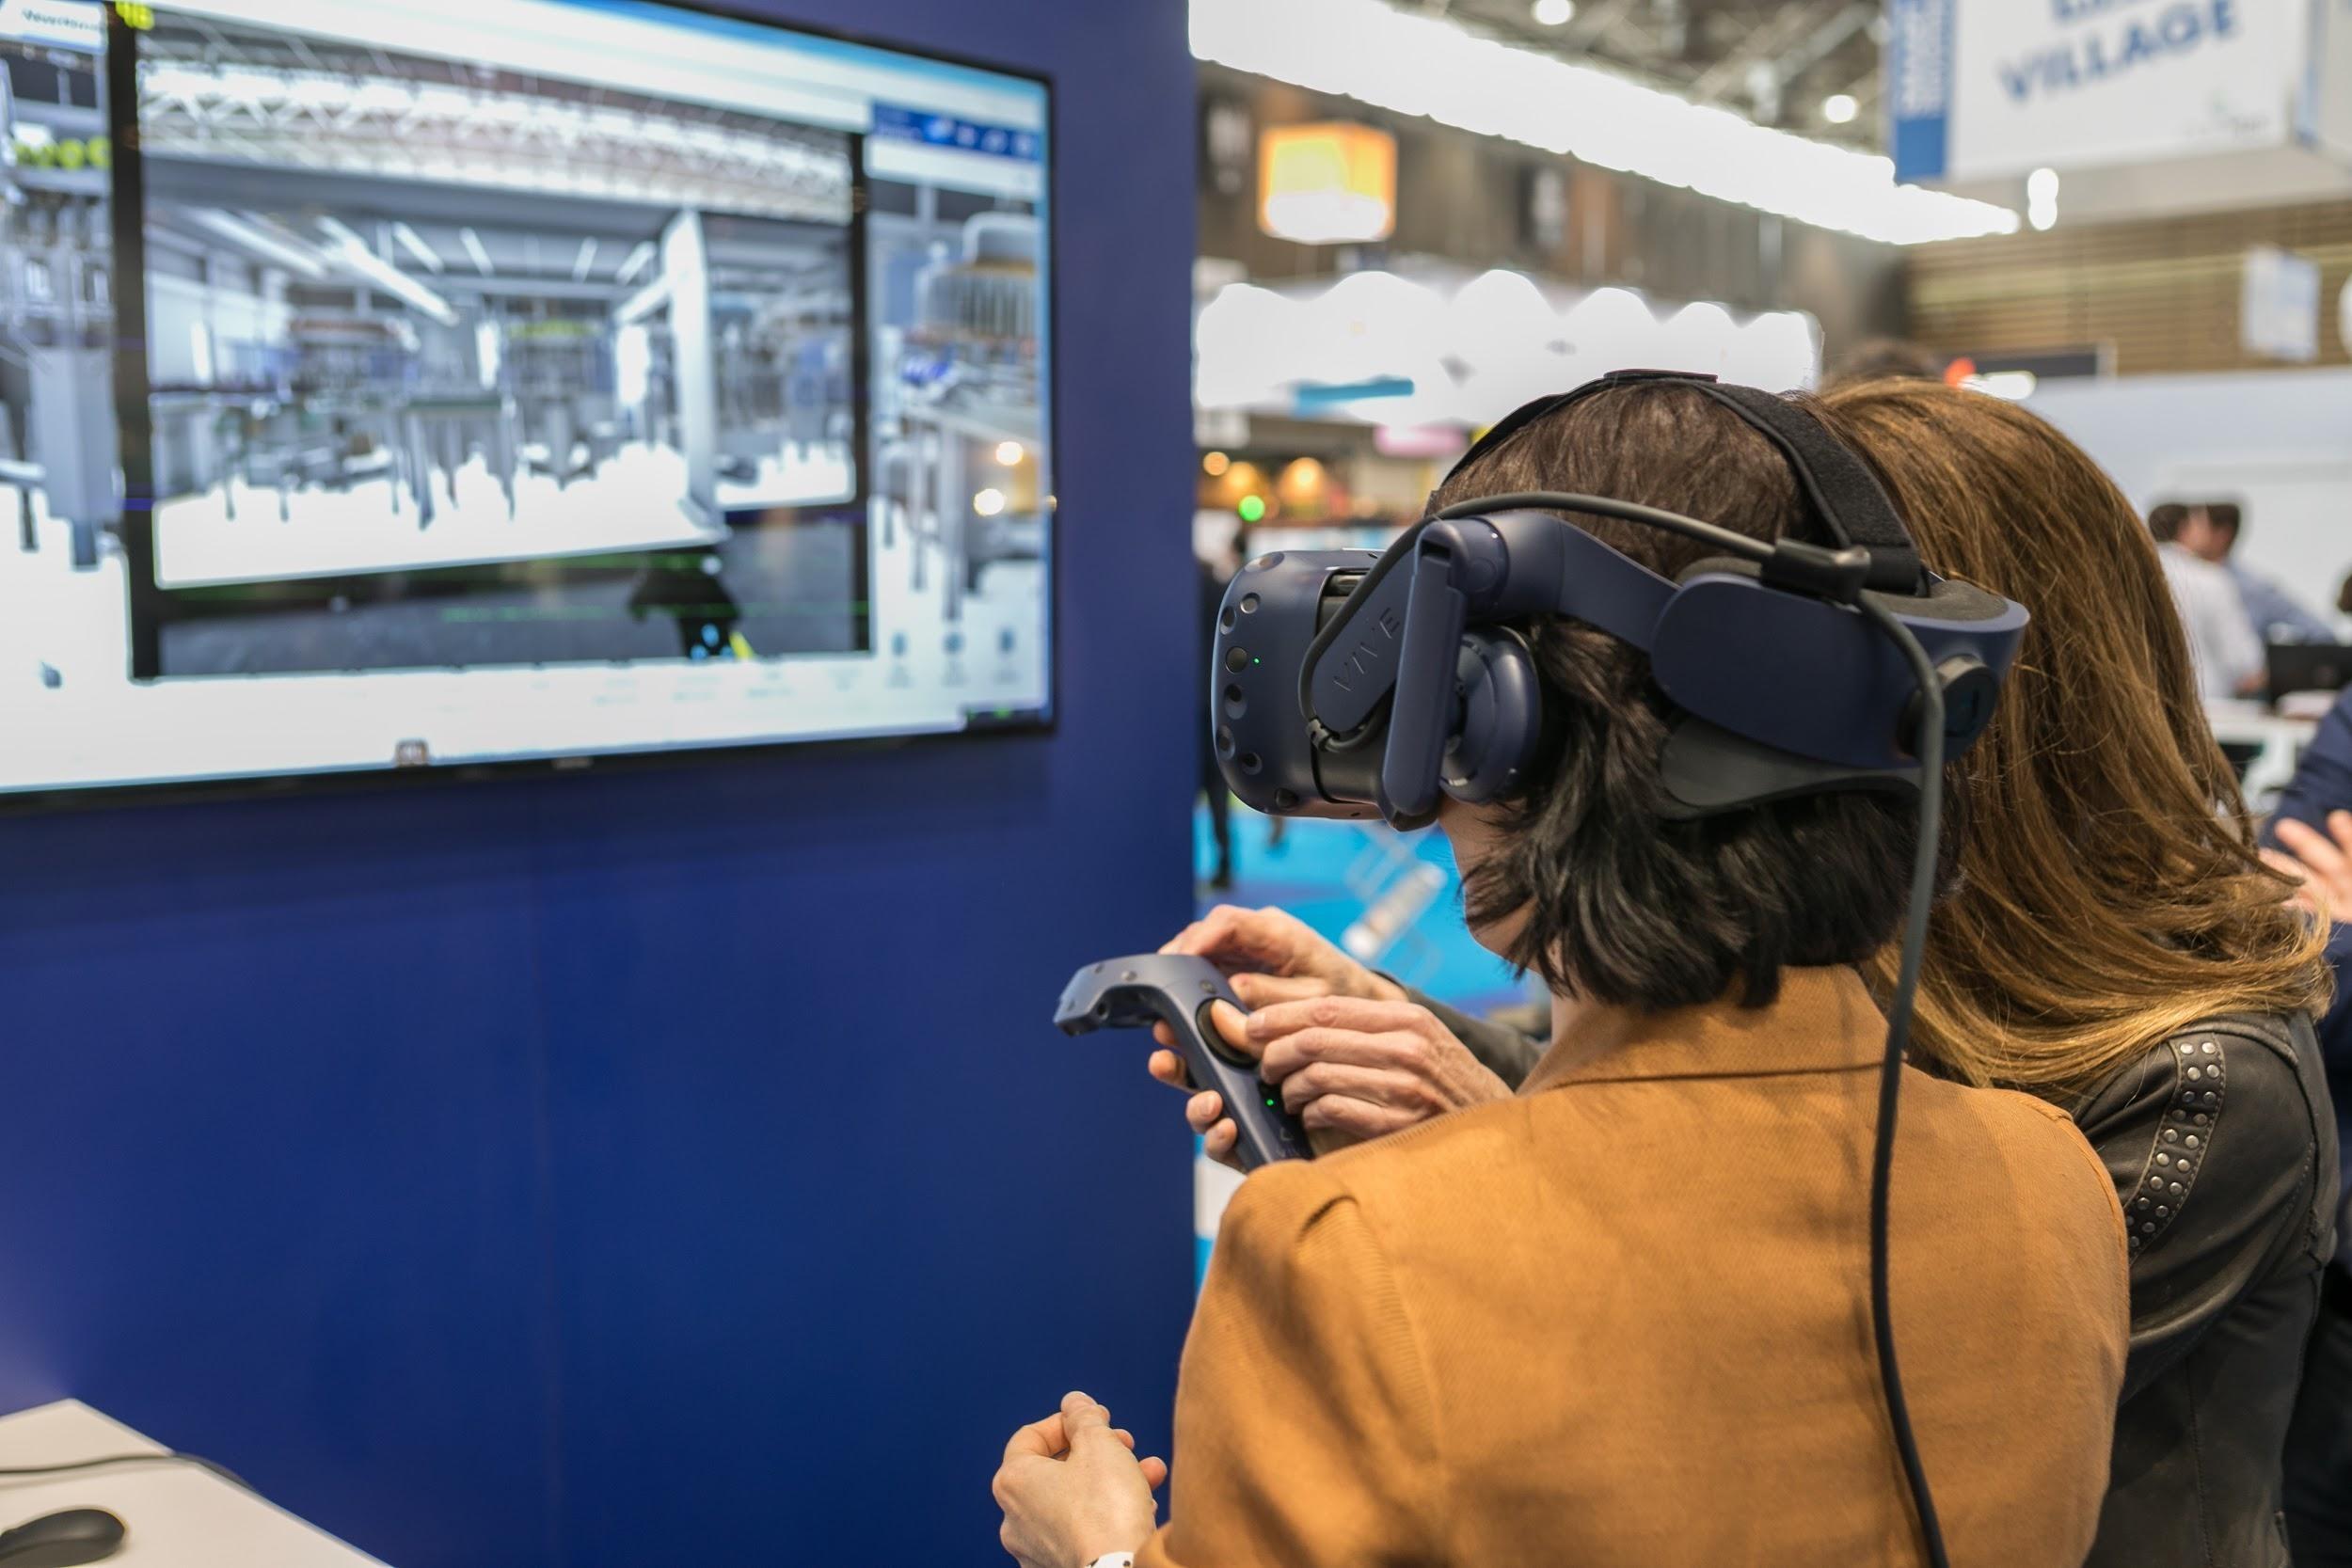 separation shoes 0eb97 bd8a7 Accèder au jumeau numérique d une usine, via un casque de réalité virtuelle  (ici sur le stand de Dassault Systèmes), est l une des concrétisations de  cette ...